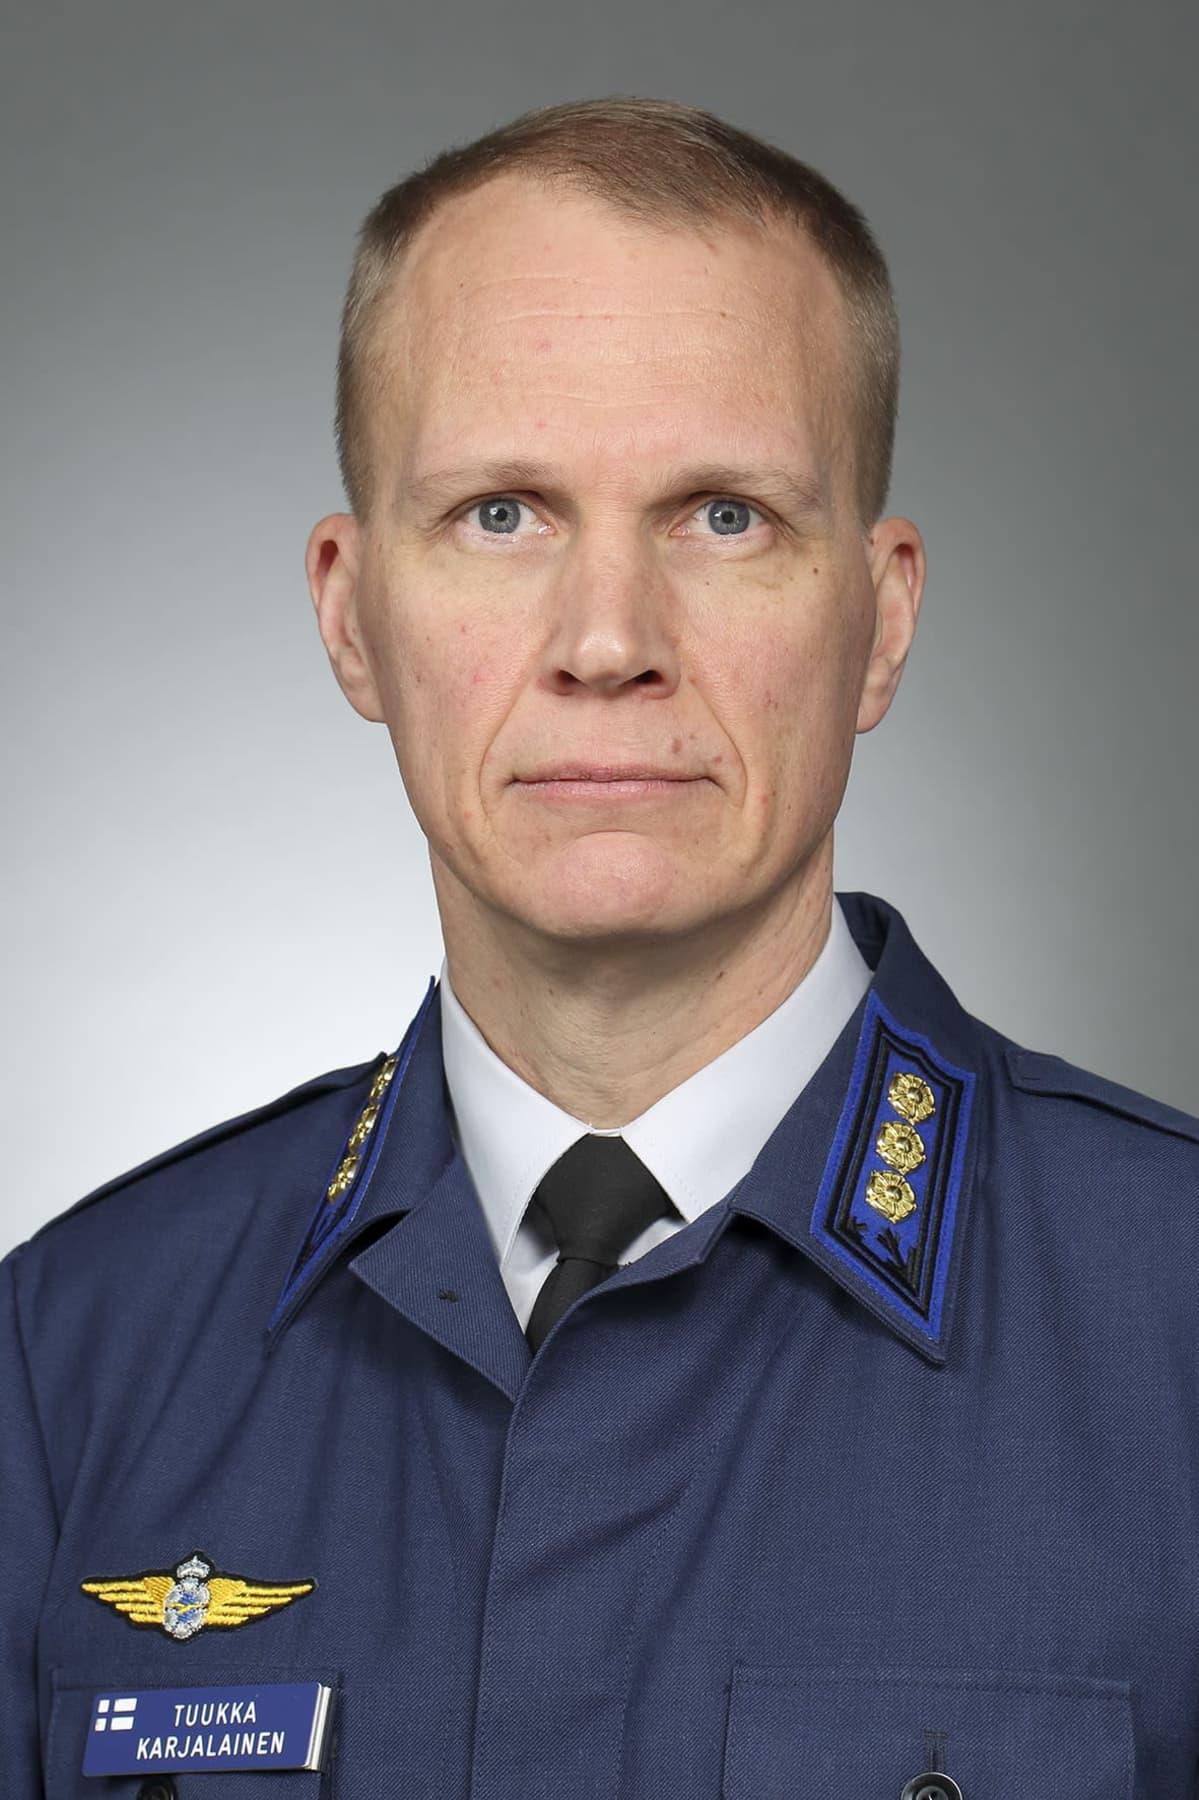 Lapin lennoston uusi komentaja Tuukka Karjalainen katsoo kameraan studiokuvassa.